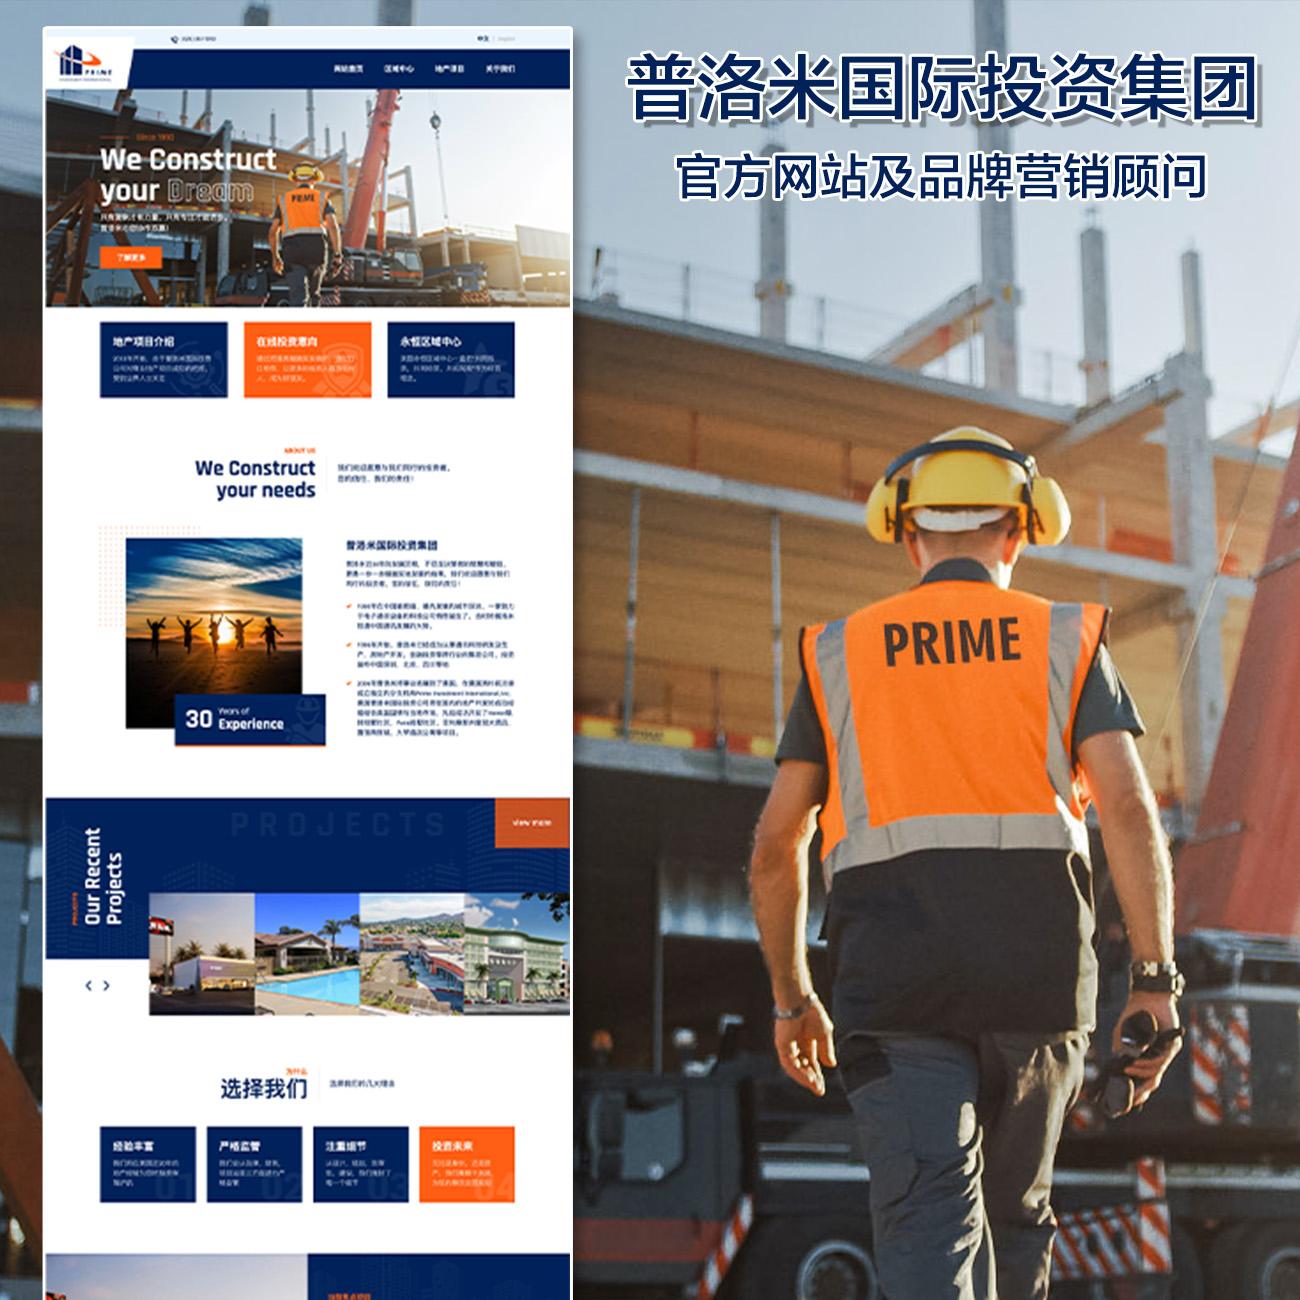 普洛米国际投资集团官方网站